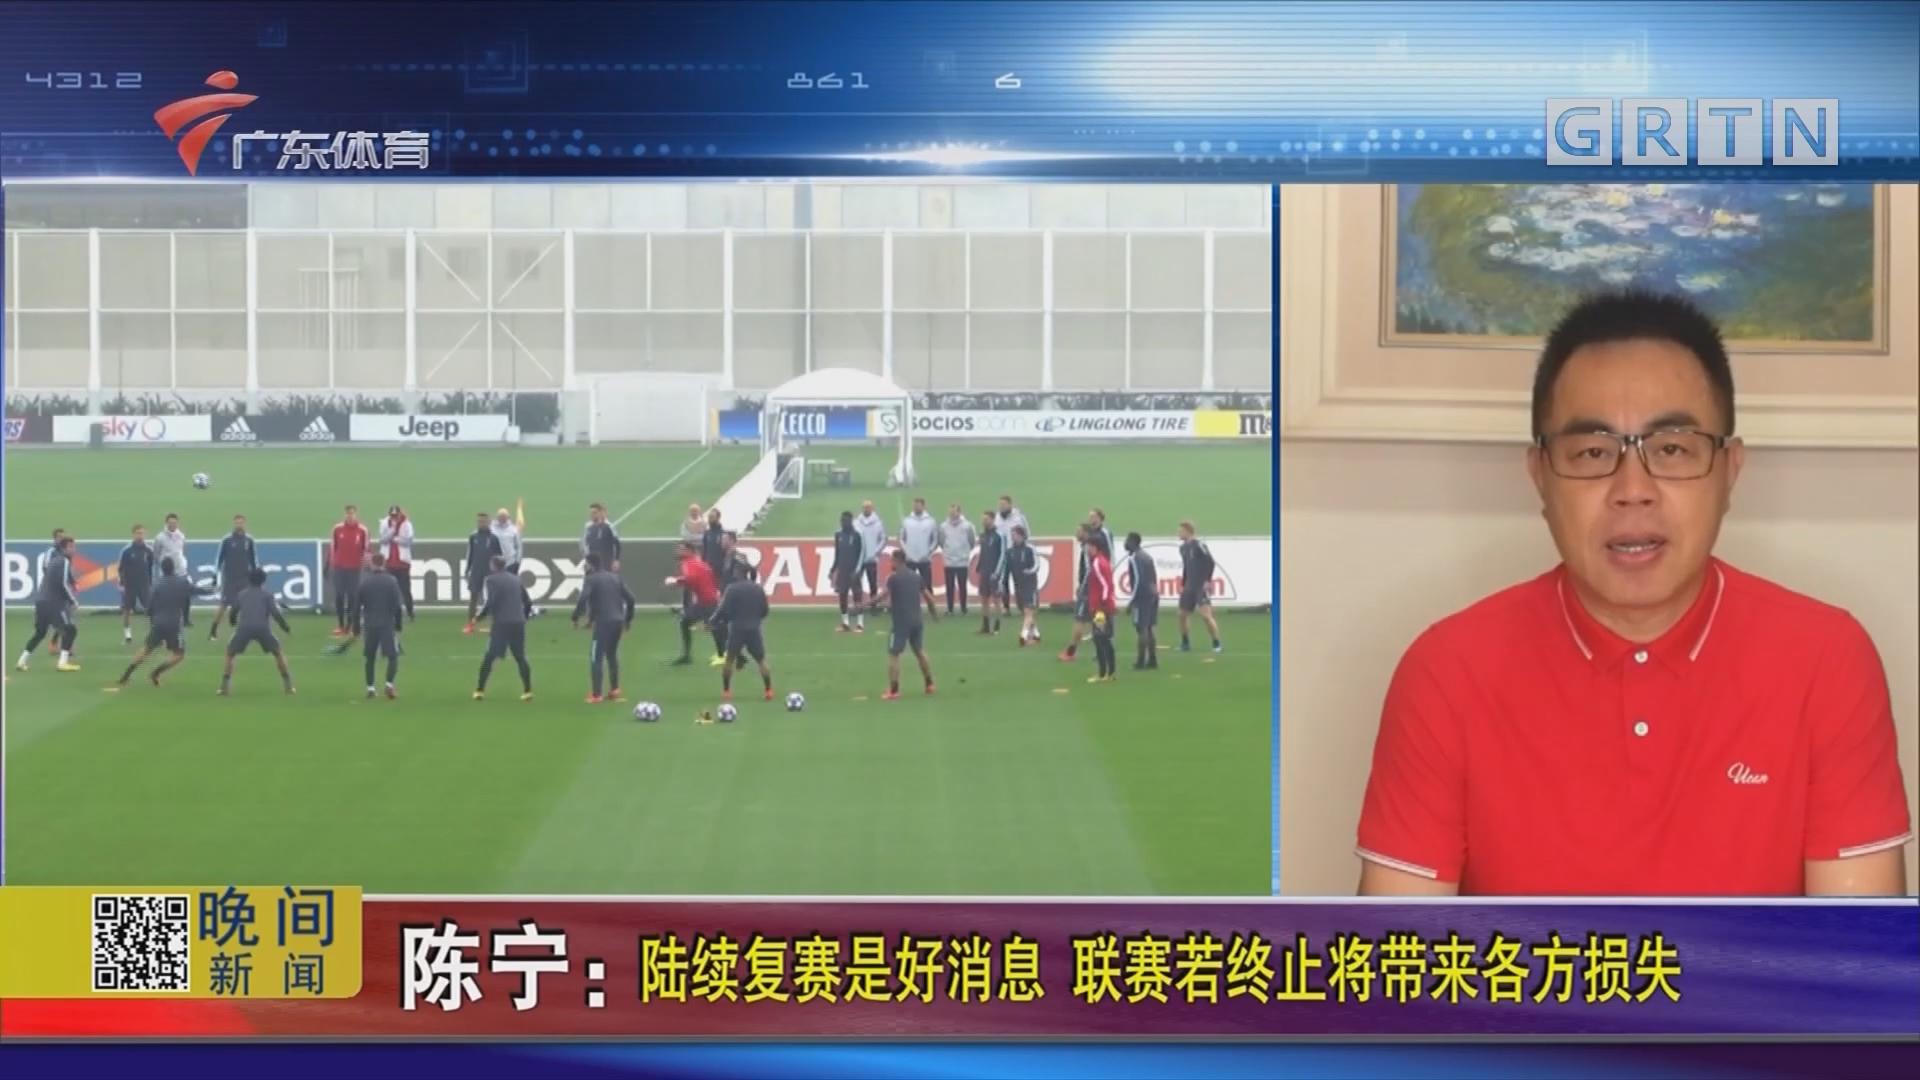 陳寧:陸續復賽是好消息 聯賽若終止將帶來各方損失